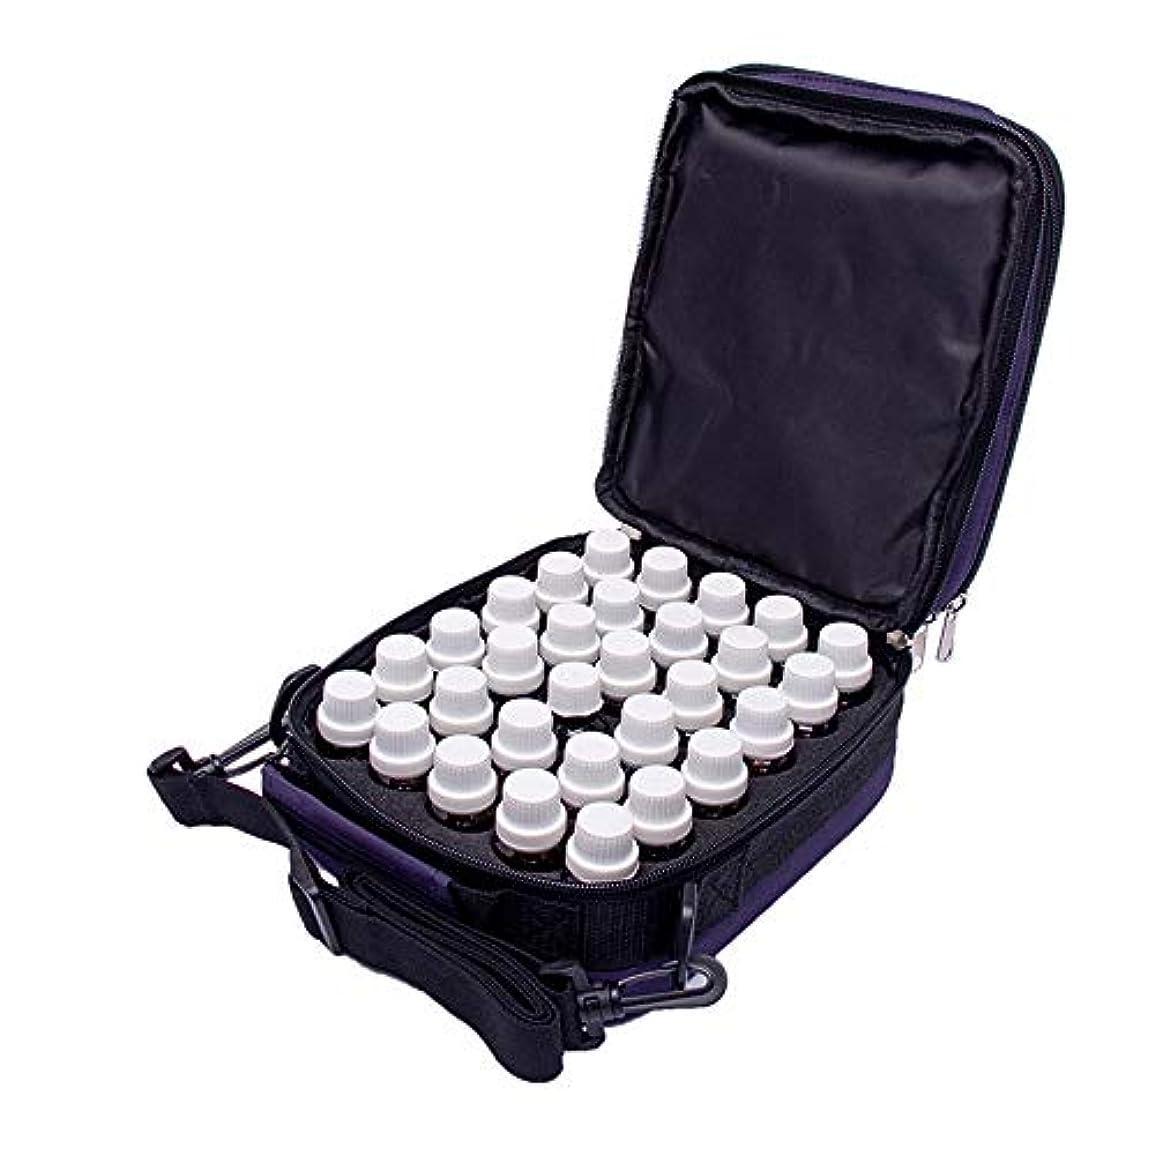 脊椎レクリエーション方法論精油ケース 5?10mlのバイアルパープルボトル用ケーストートバッグキャリング42ボトルエッセンシャルオイルディフューザー 携帯便利 (色 : 紫の, サイズ : 18X13X21CM)